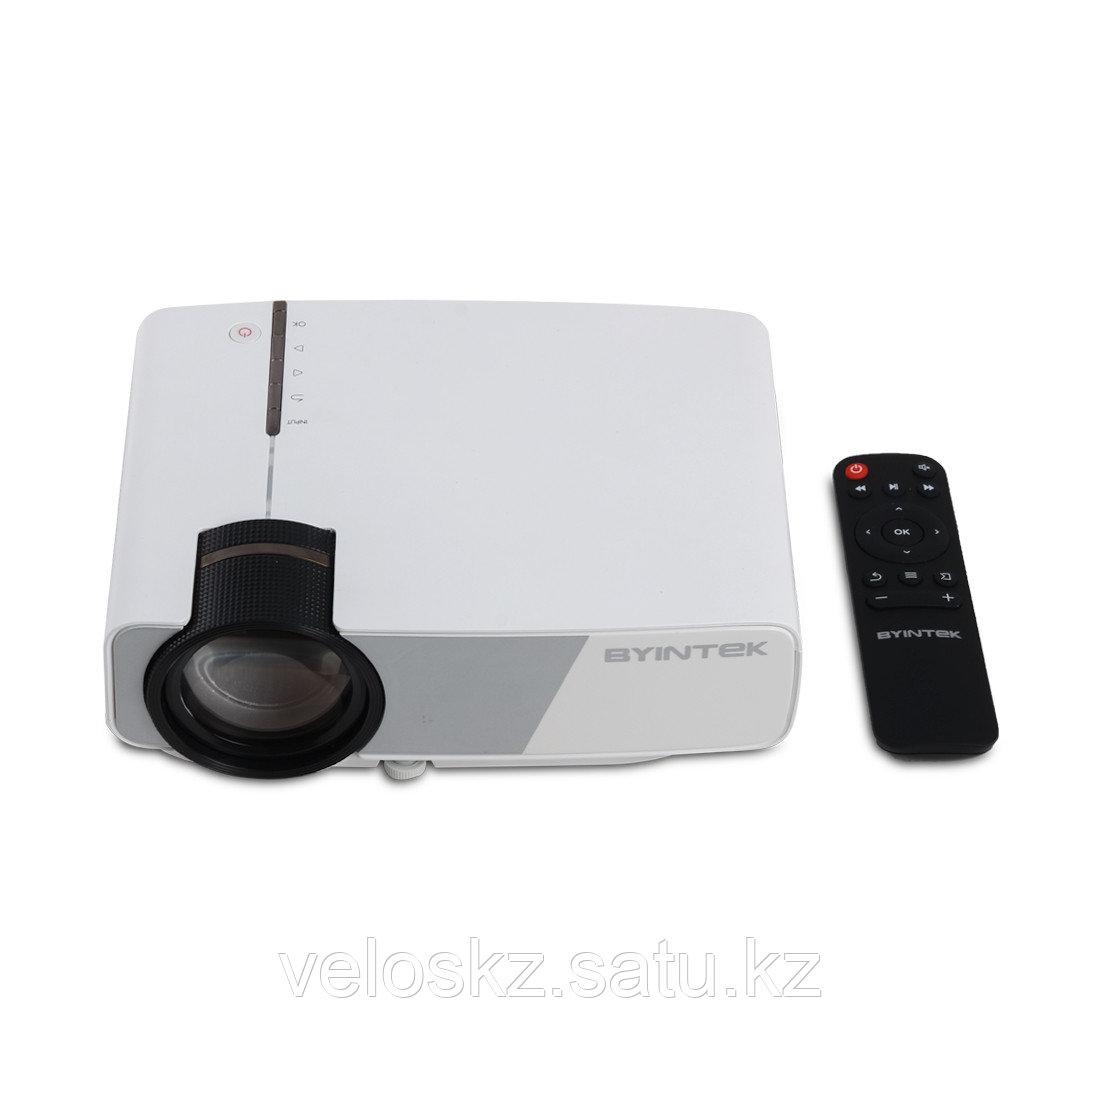 Проектор BYINTEK K1 Plus, LCD, 800x480, 160 ANSI люмен, 1800:1